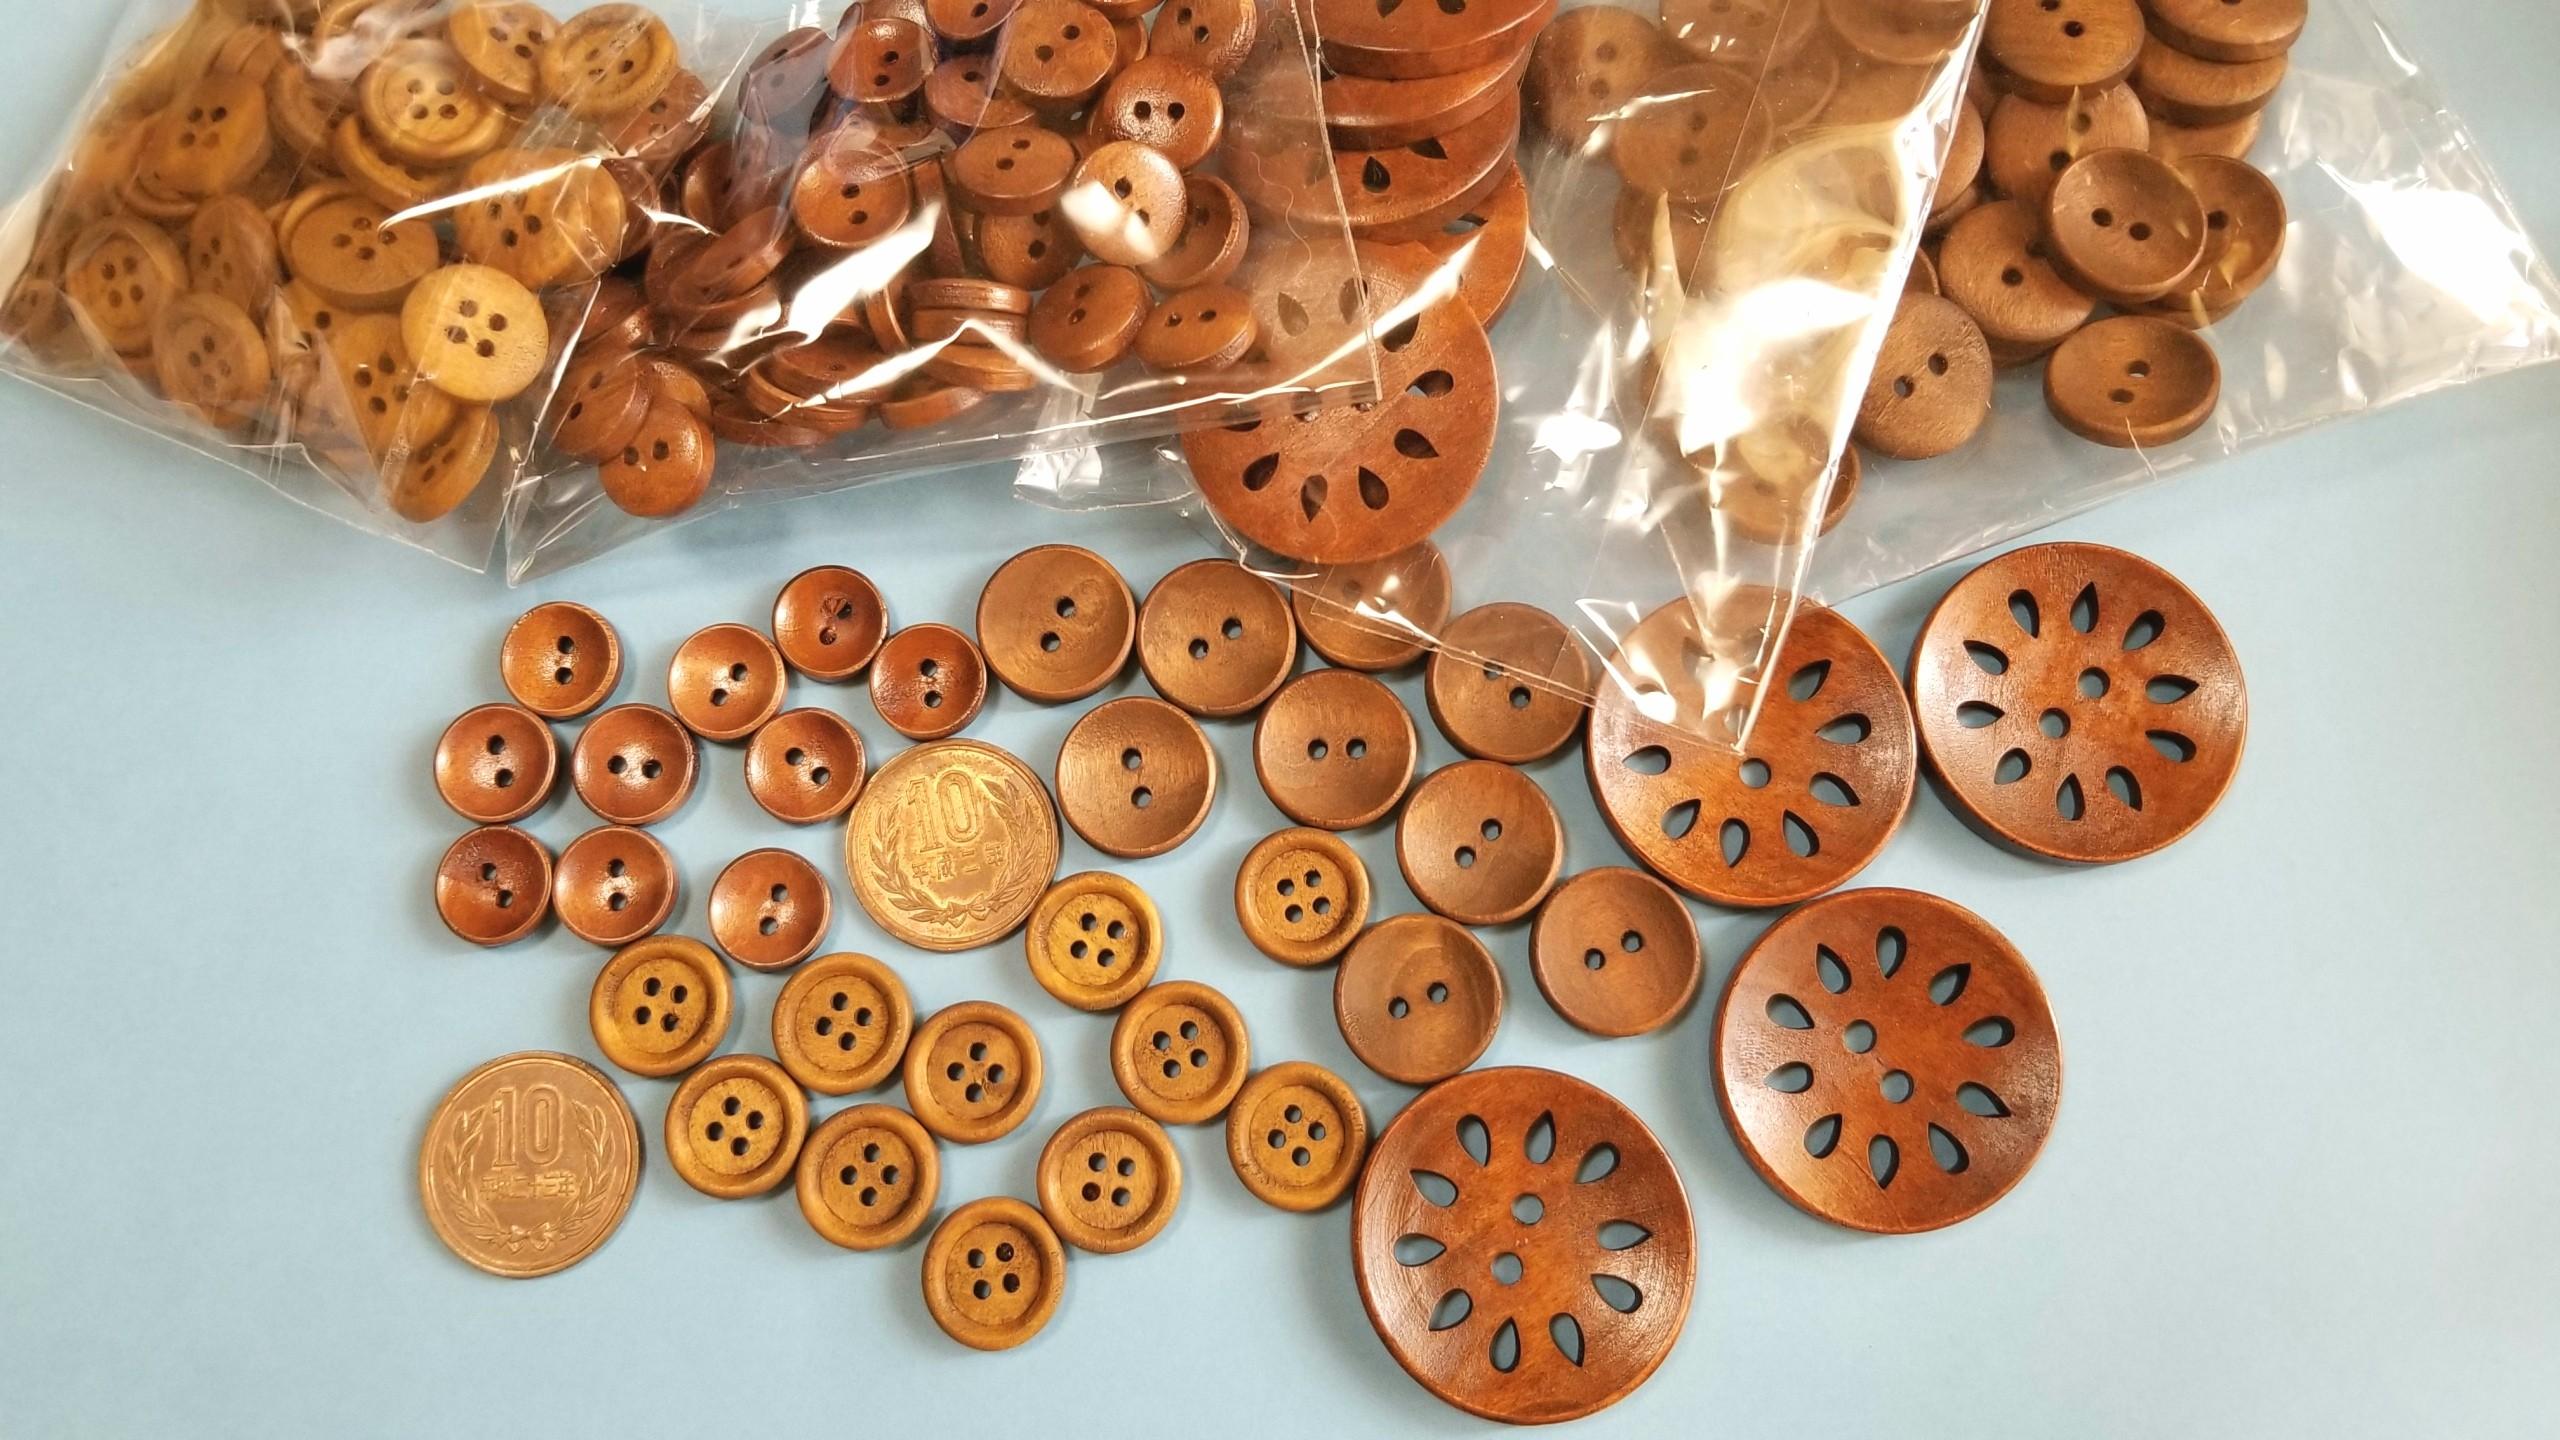 木製ボタン,道具材料,ハンドメイド,購入品,活用するぞ,応用